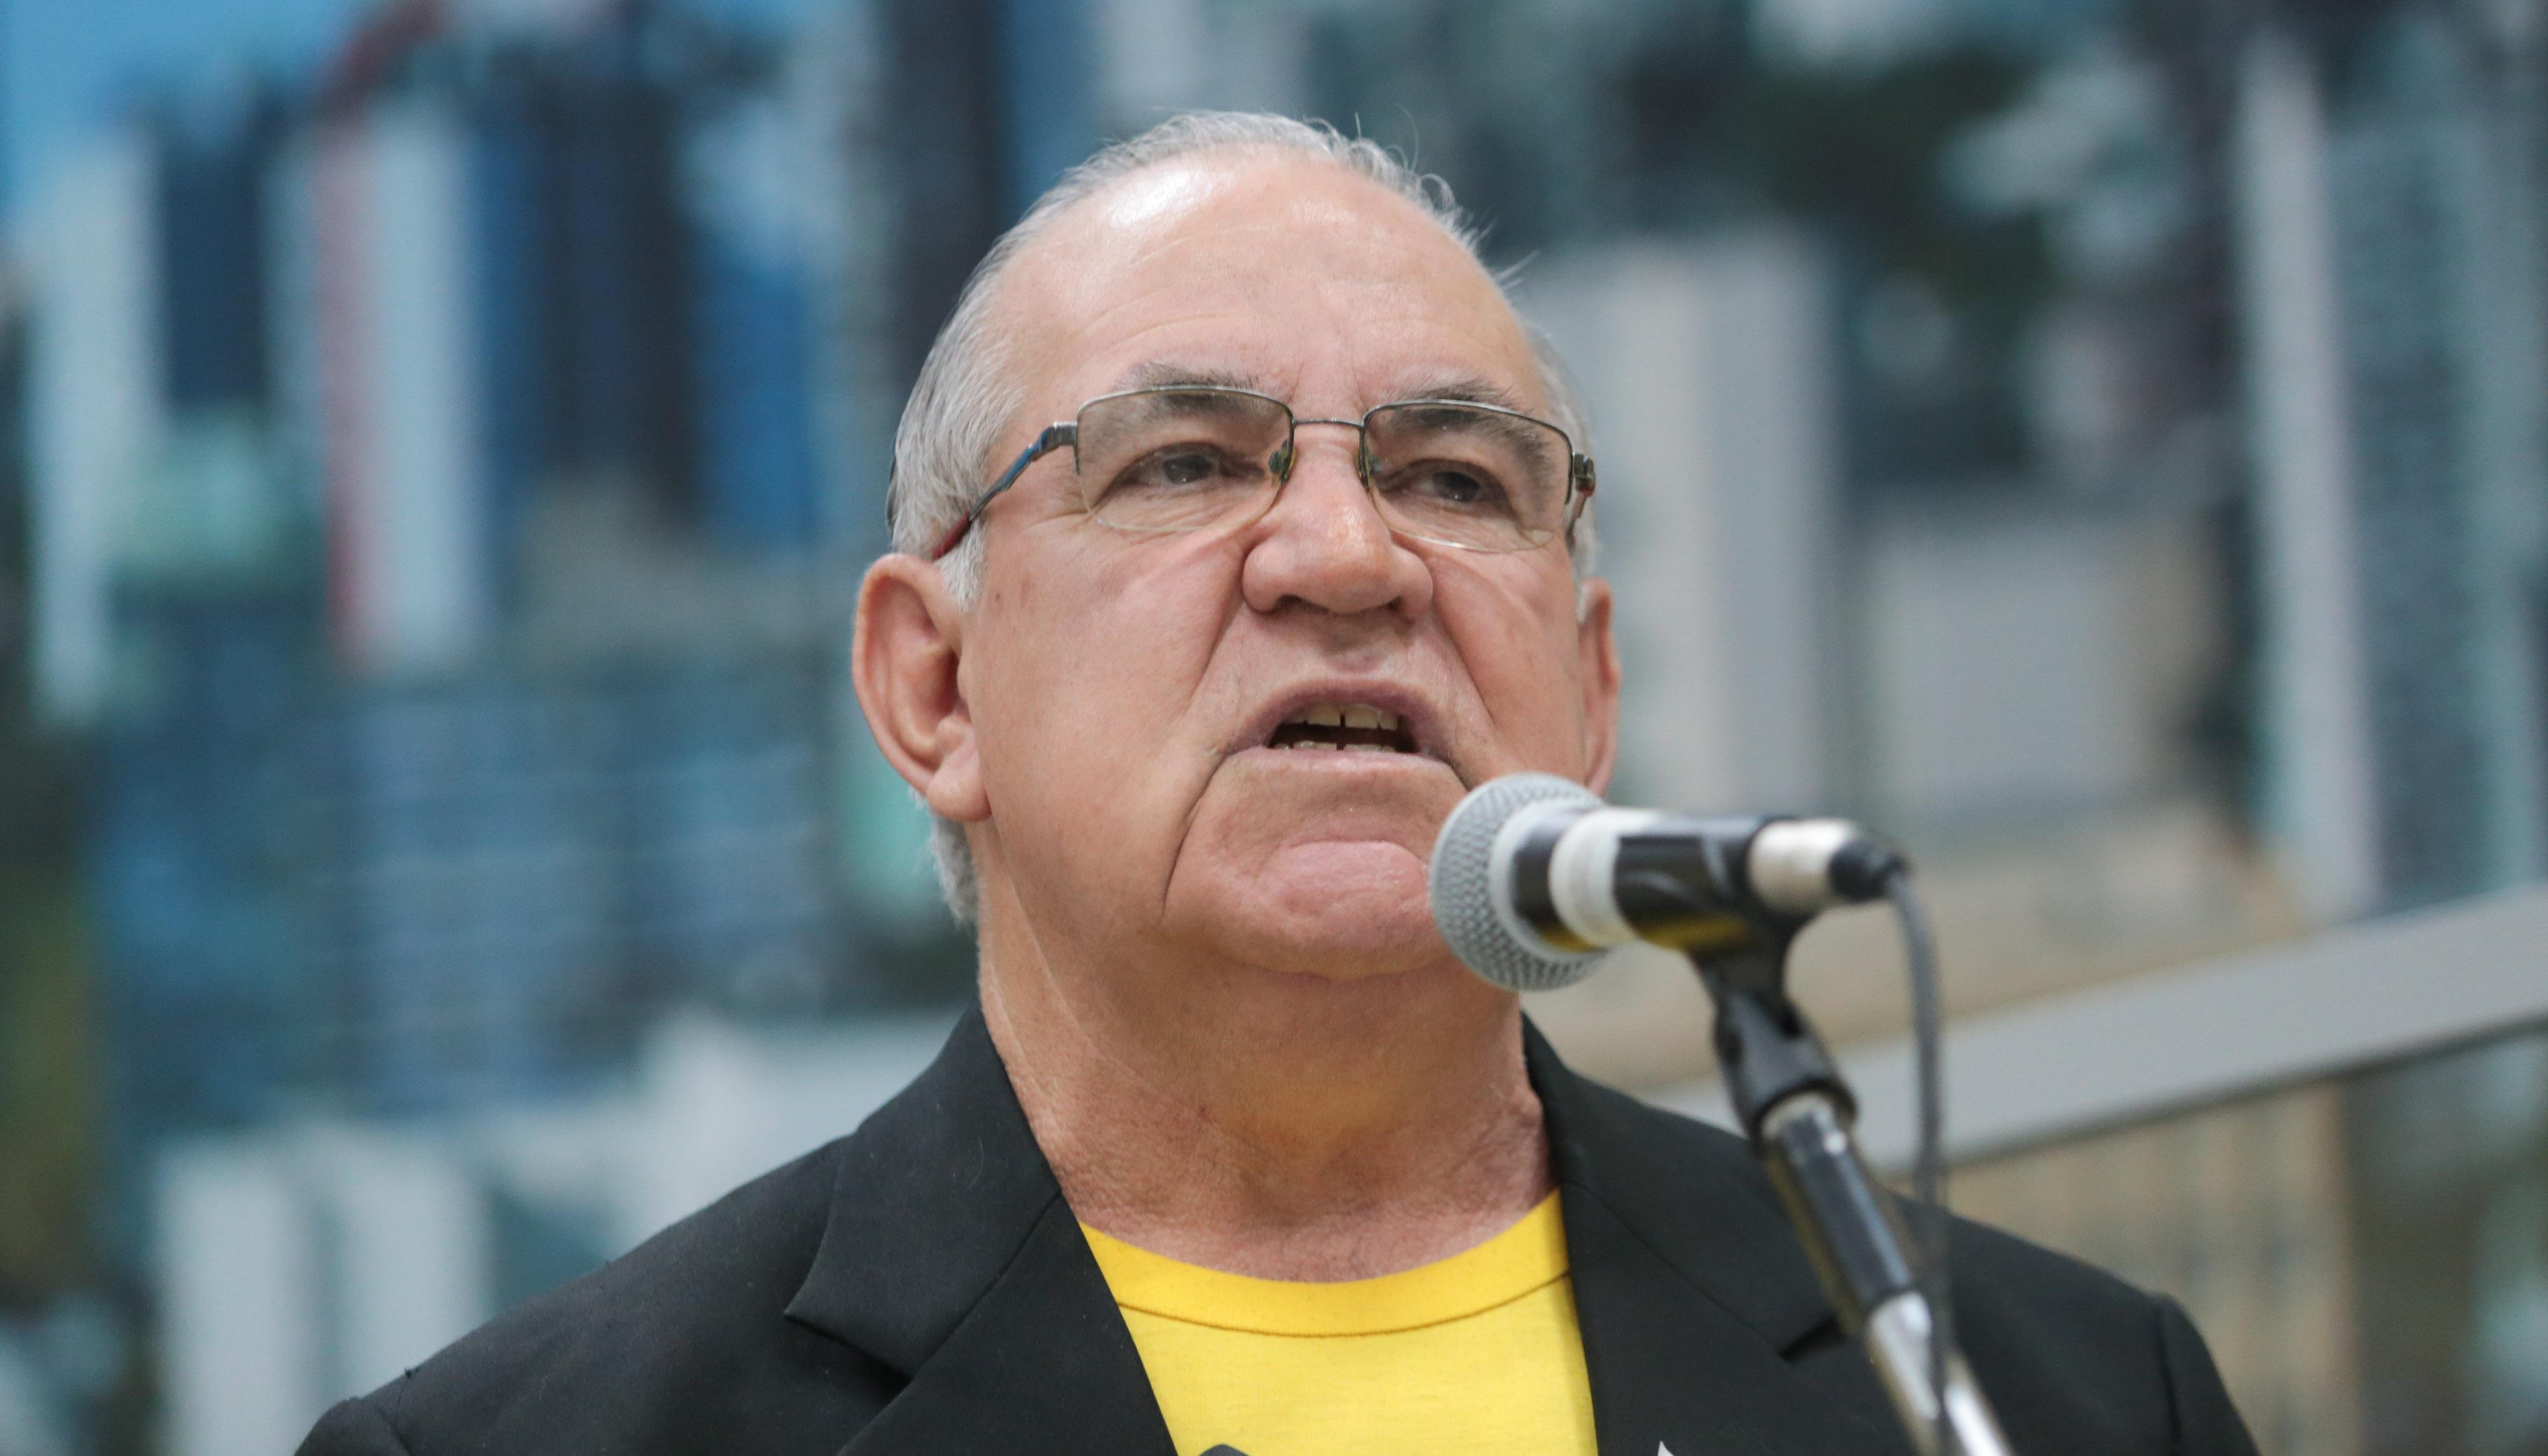 Voluntário do CVV destaca ações de prevenção ao suicídio no Setembro Amarelo